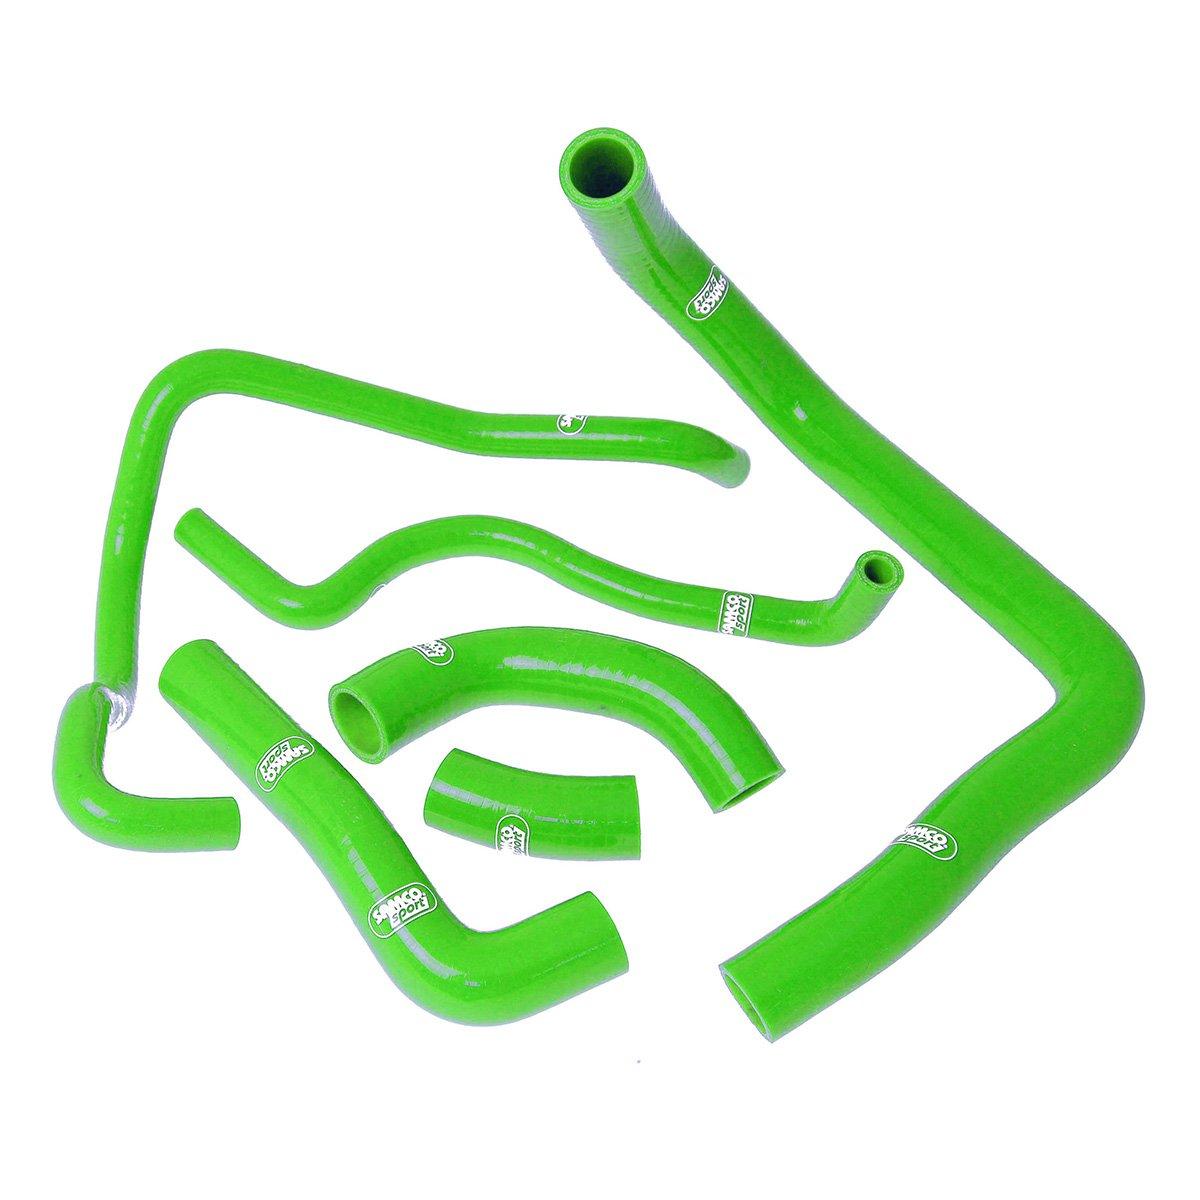 SAMCO - Kit manguitos tubos refrigeracion verde - 39746 ...